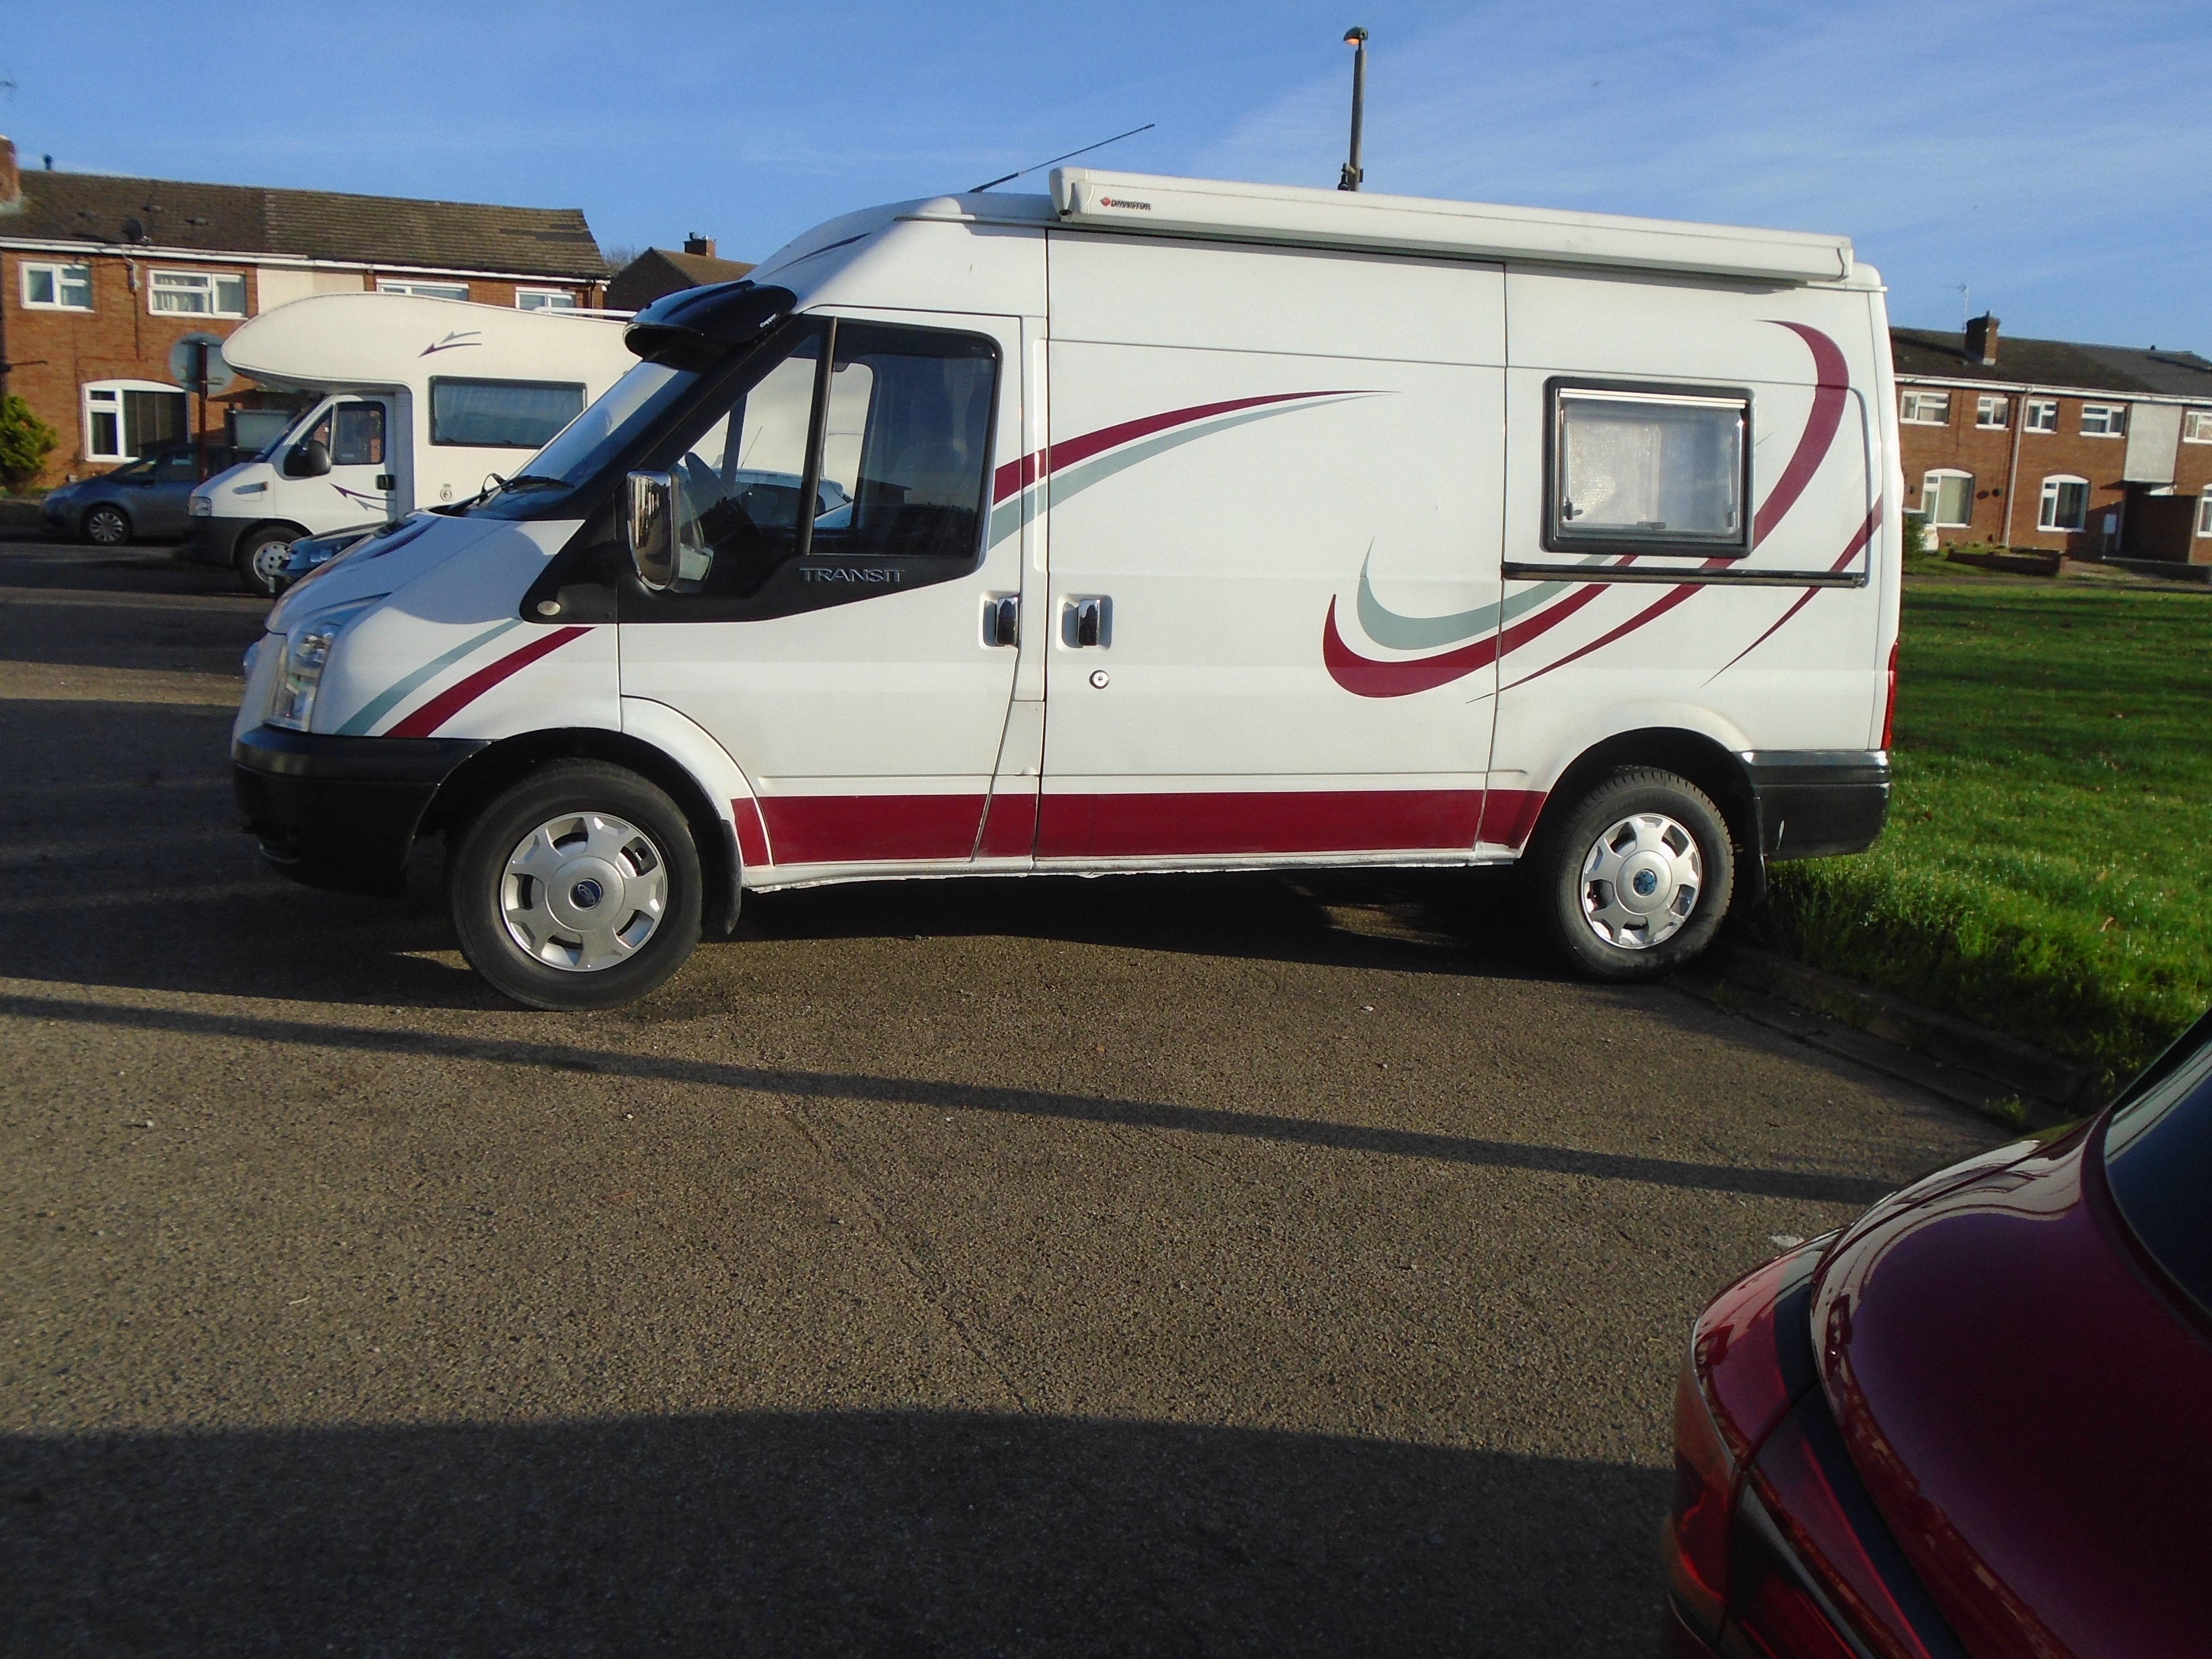 Picture of 2007 ford transit diesel hightop camper van two berth